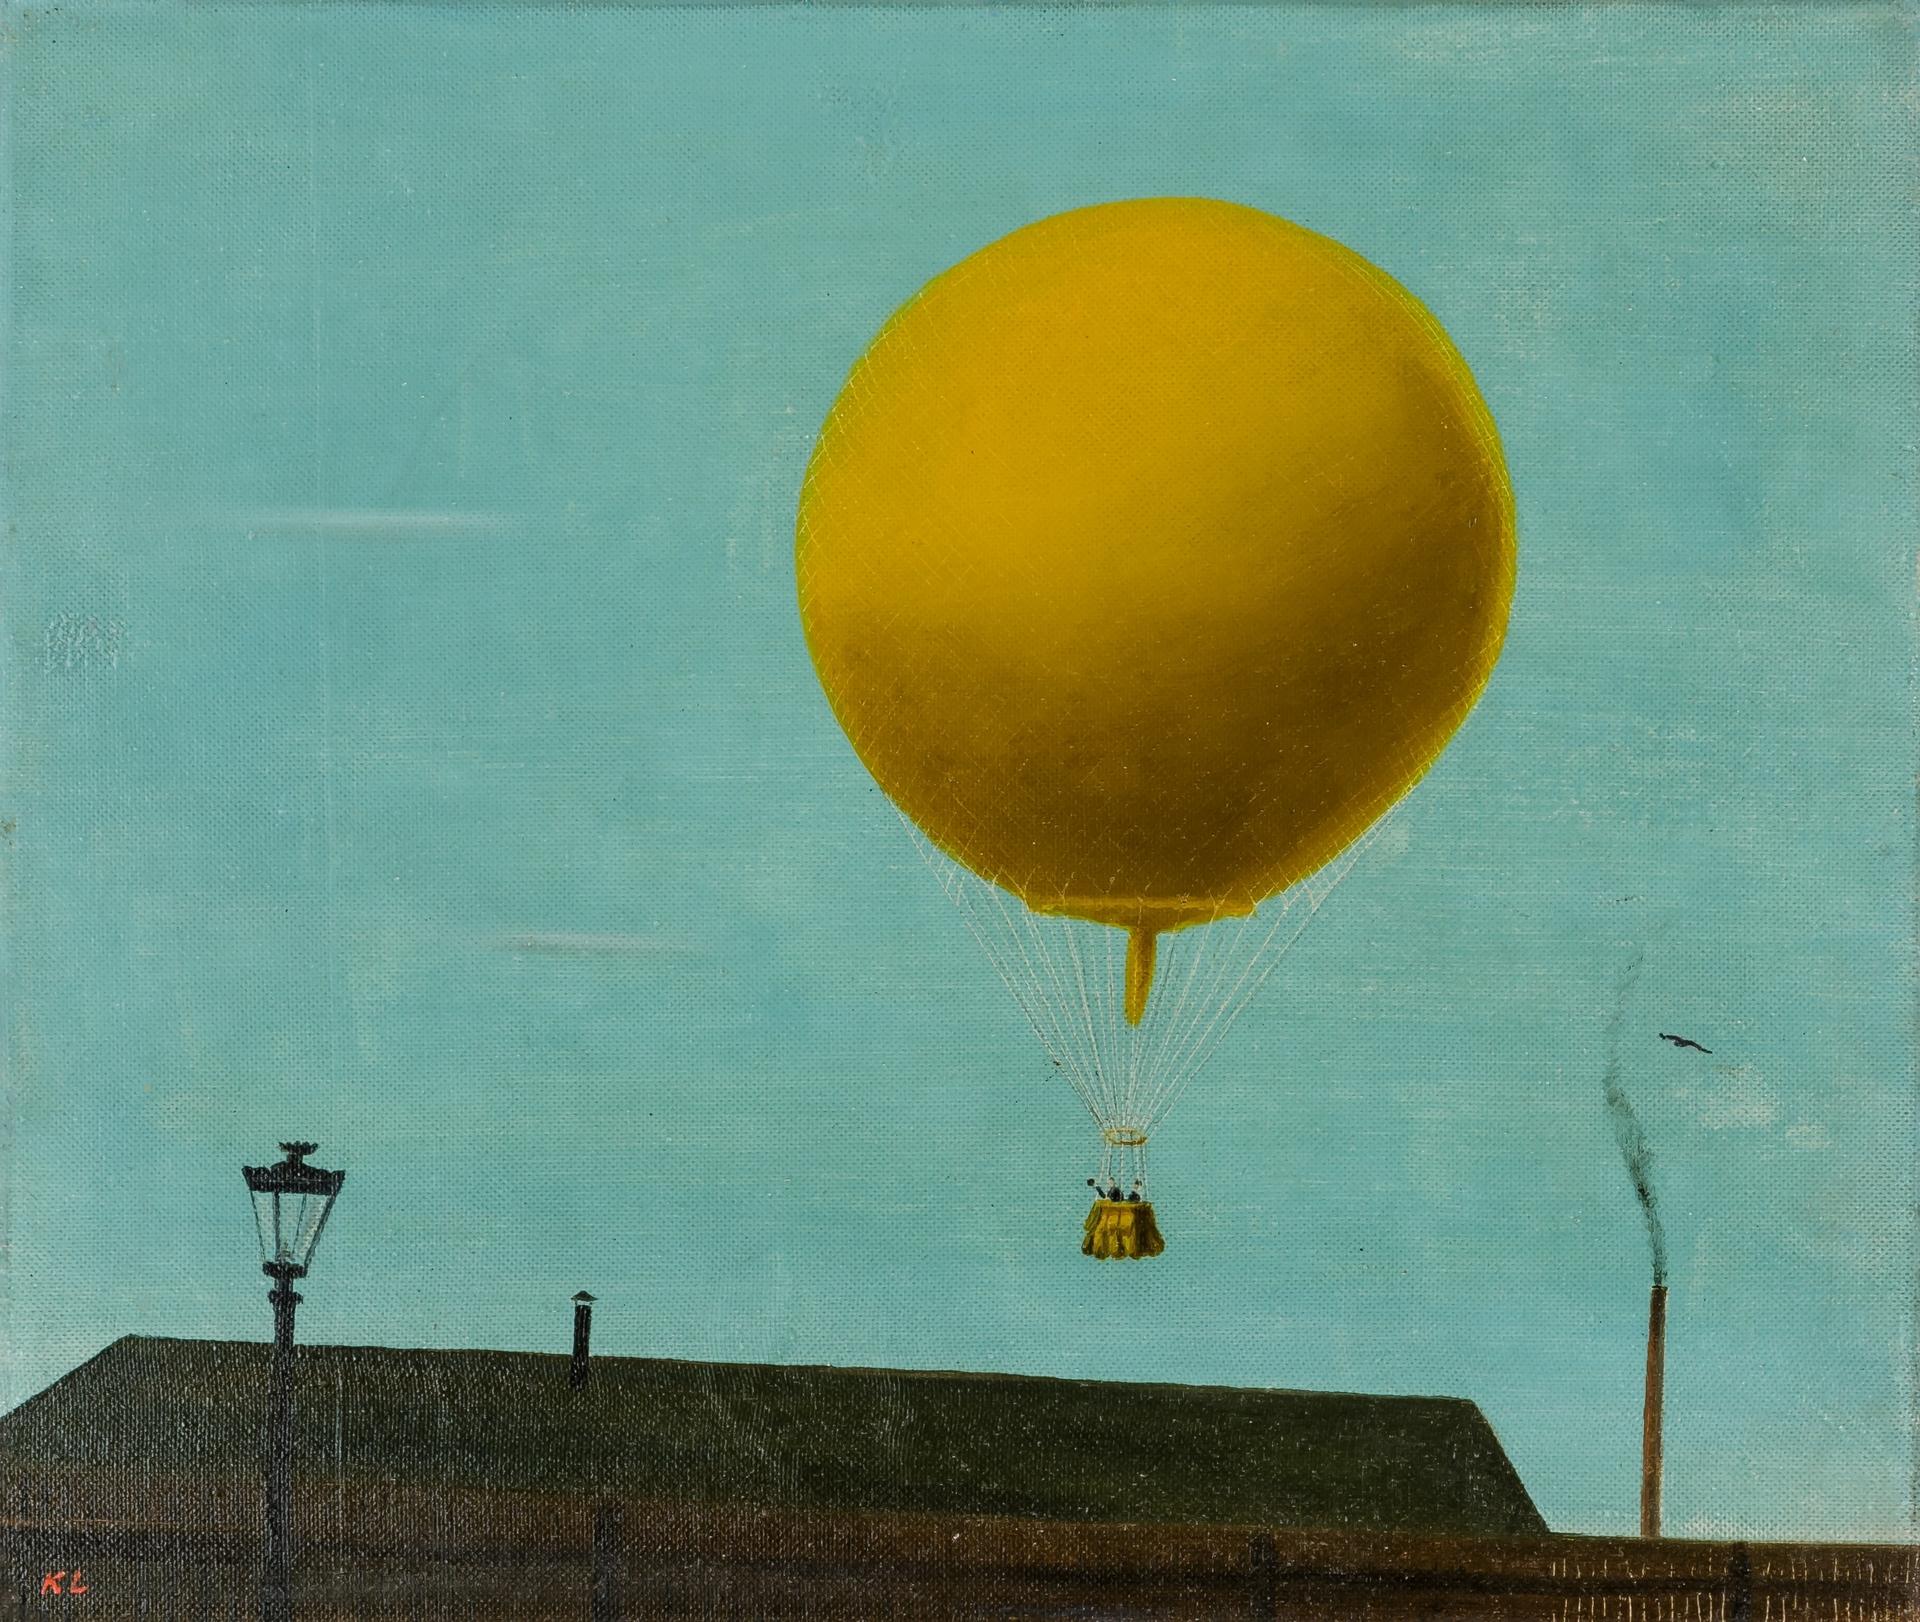 """Kamil Lhoták, Balon """"Ressel"""", 1941, Galerie výtvarného umění v Chebu.jpg"""